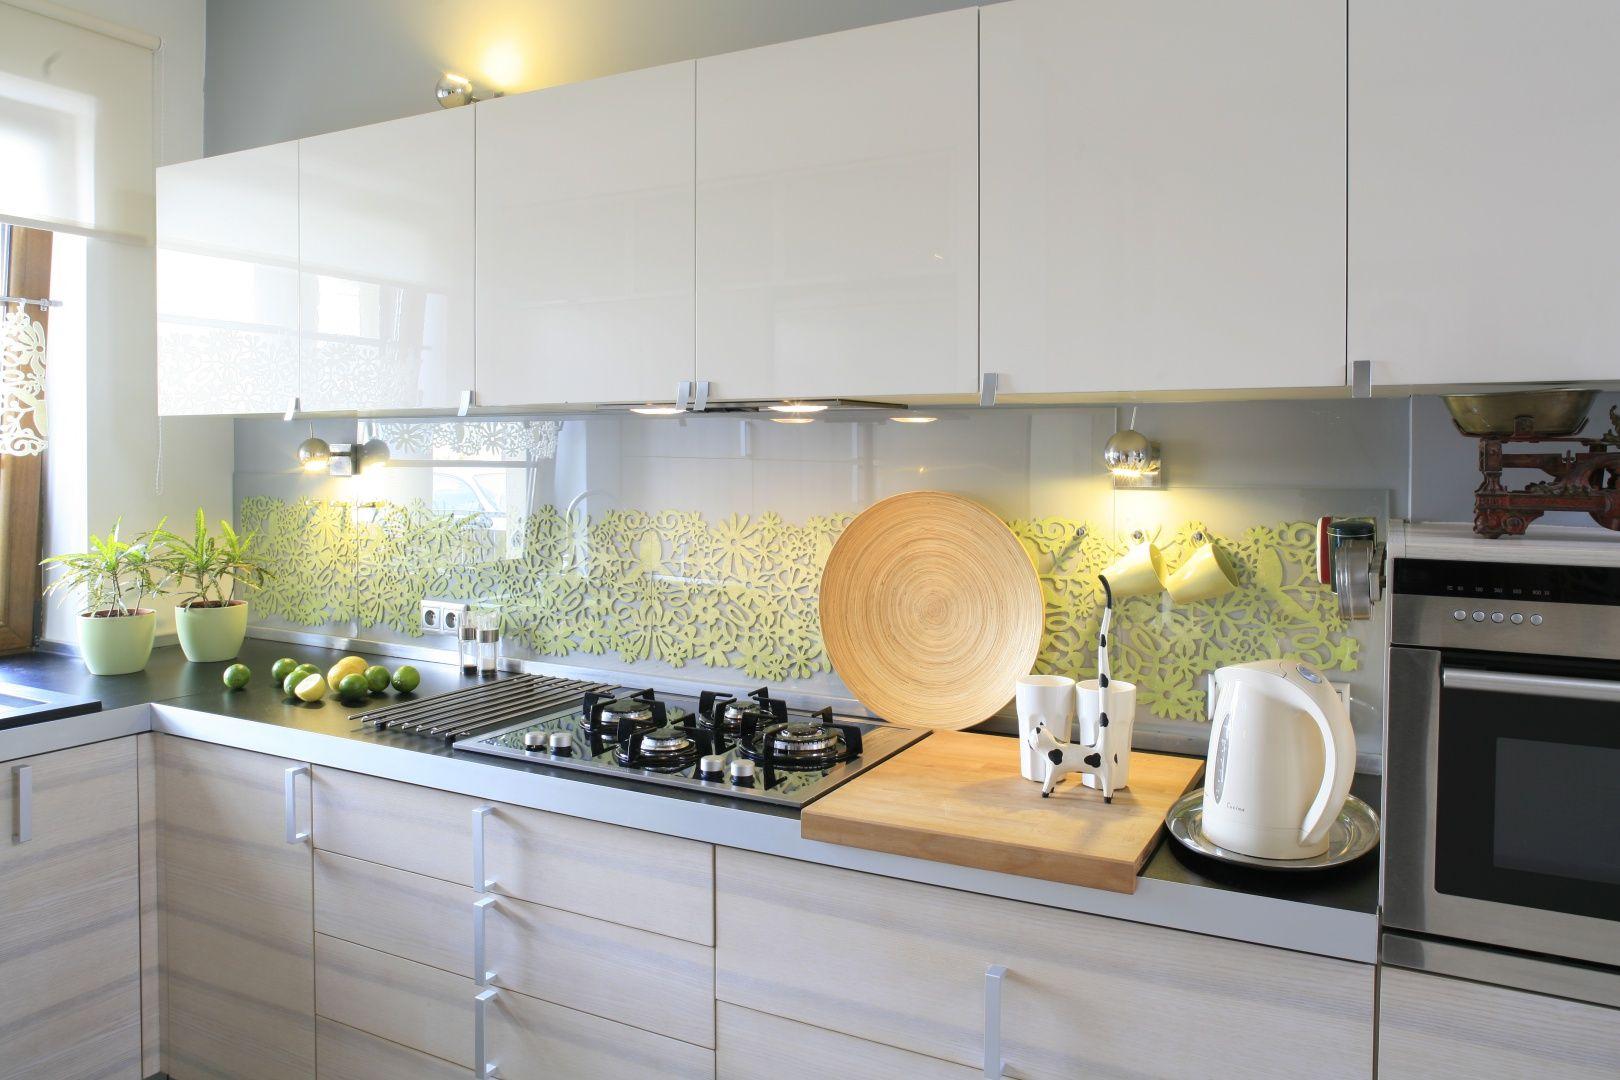 Ściana nad blatem w kuchni wykończona jest szarą farbą i  dodatkowo udekorowana wzorami z zielonego filcu. Całość osłonięto przeźroczystym szkłem. Projekt: Marta Kruk. Fot. Bartosz Jarosz